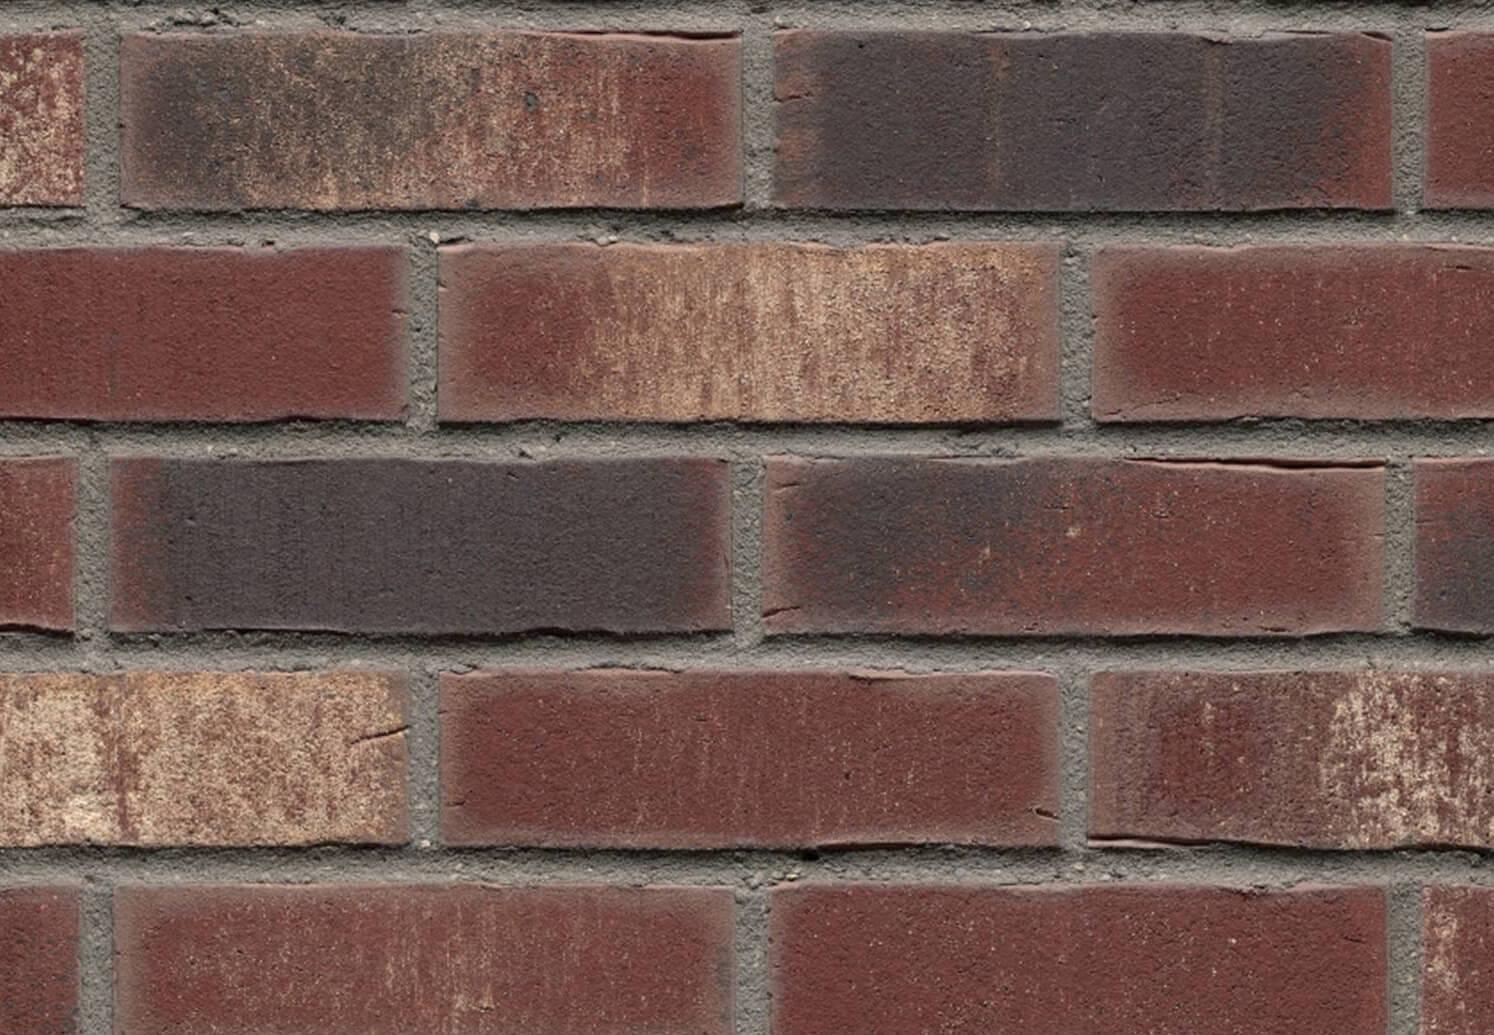 Плитка под кирпич Feldhaus Klinker, VASCU, R746NF14, поверхность Wasserstrich, cerasi rotado